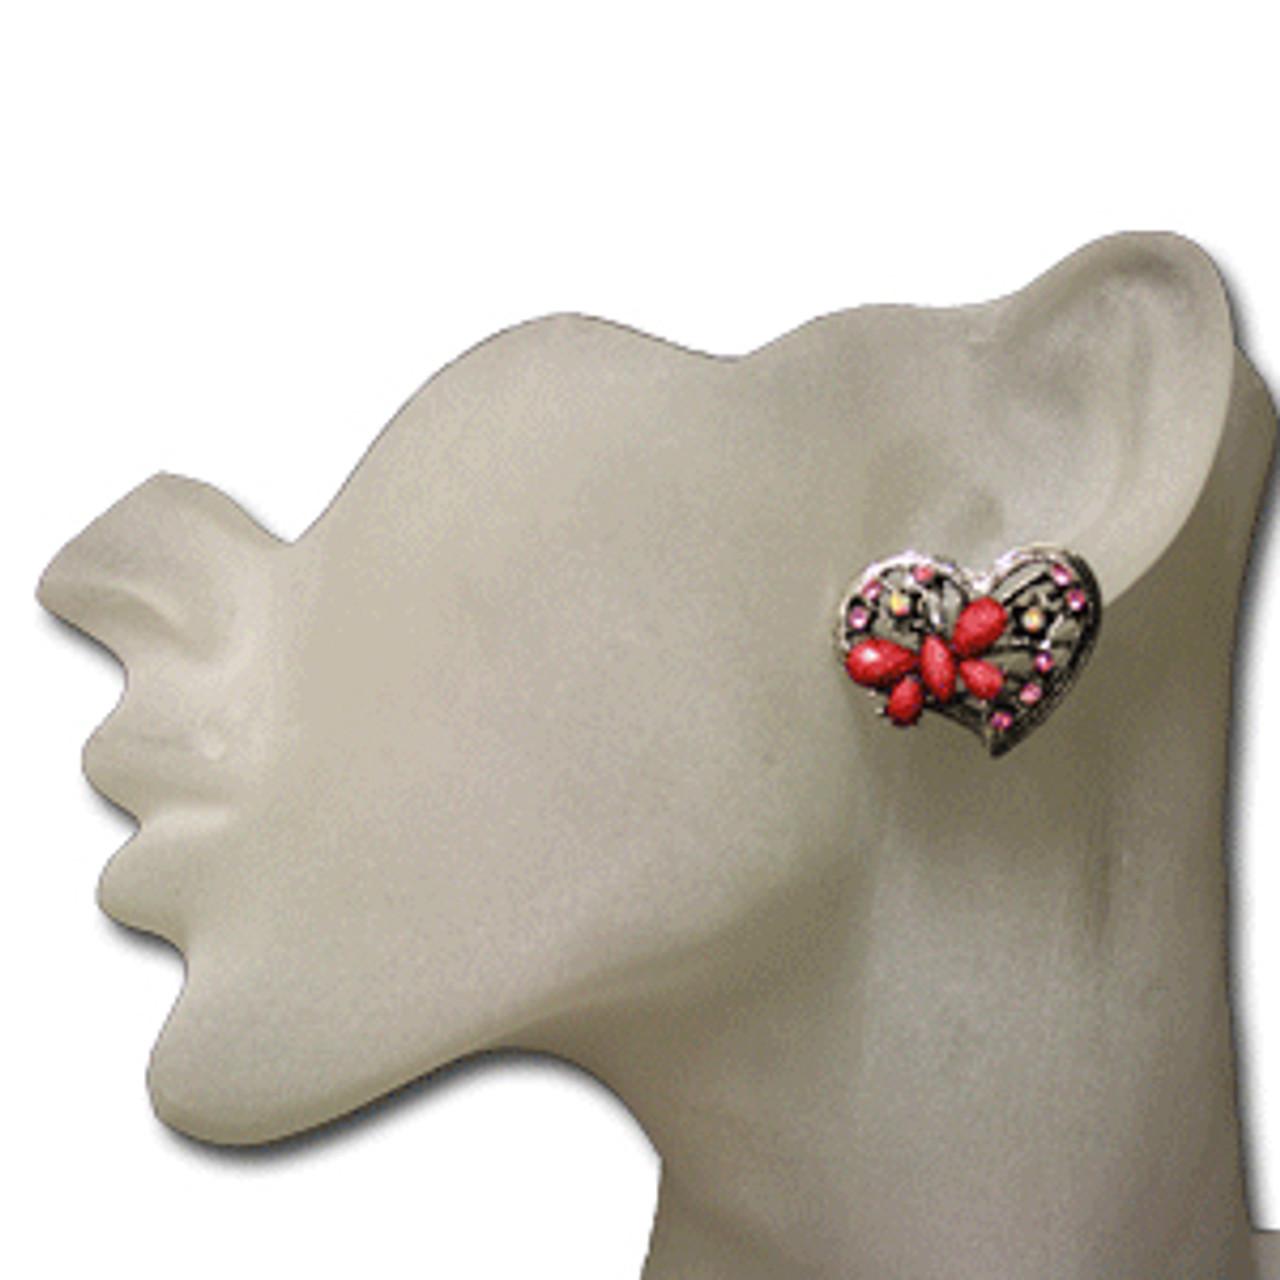 Hot pink heart butterfly stud earrings